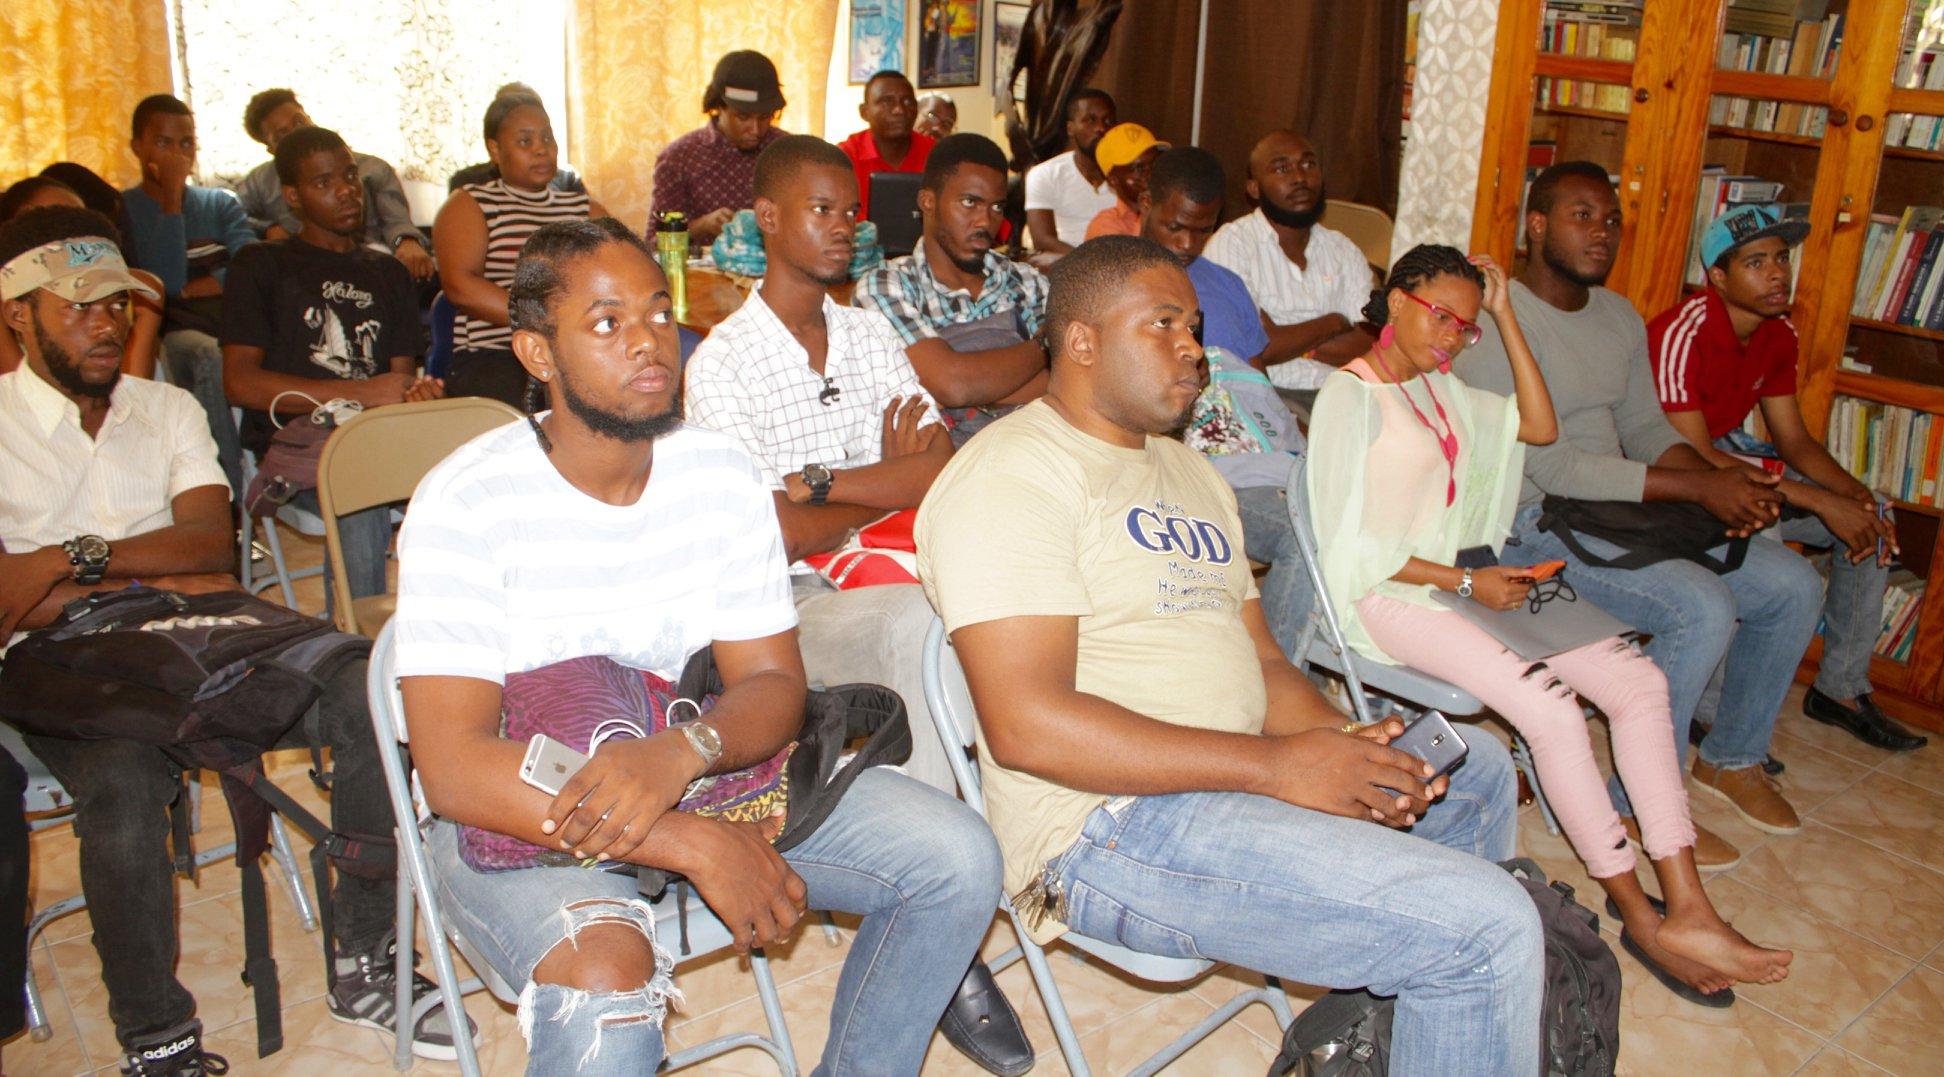 Des étudiants de Cinéma Nous en pleine séance de cours. Crédit photo: Cinéma Nous/Facebook